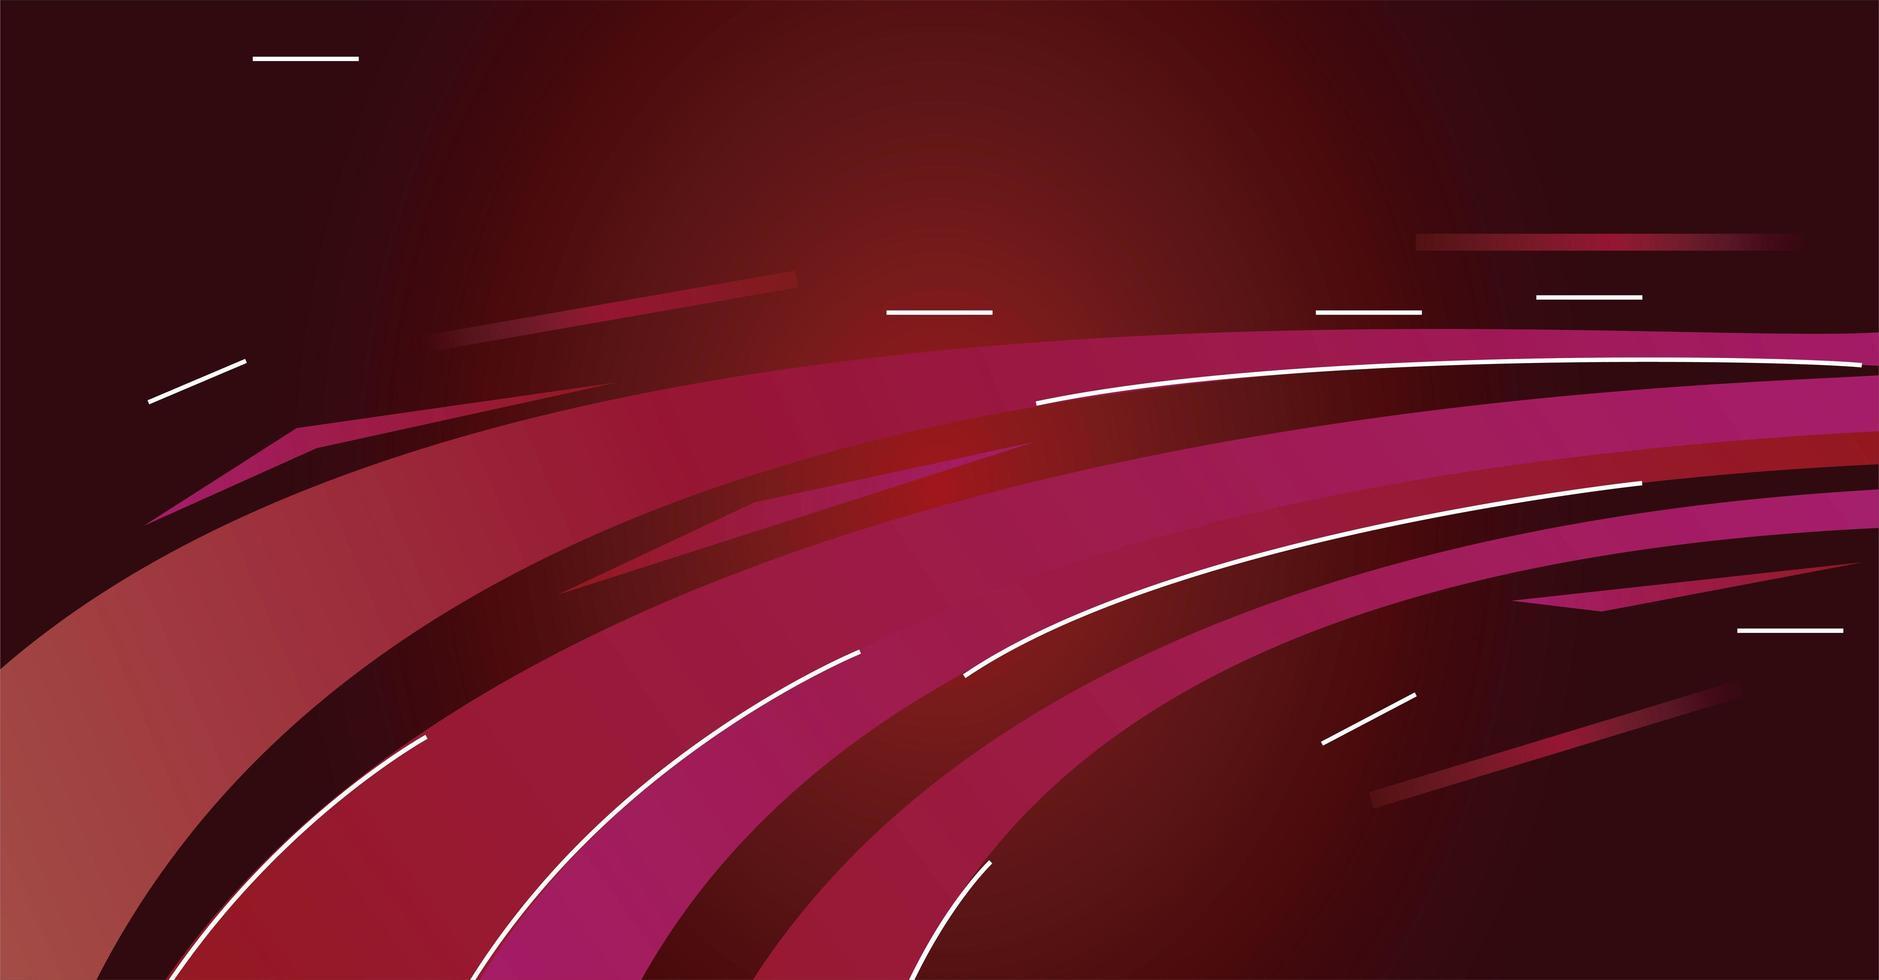 färgglada ljus spår i röd bakgrund vektor